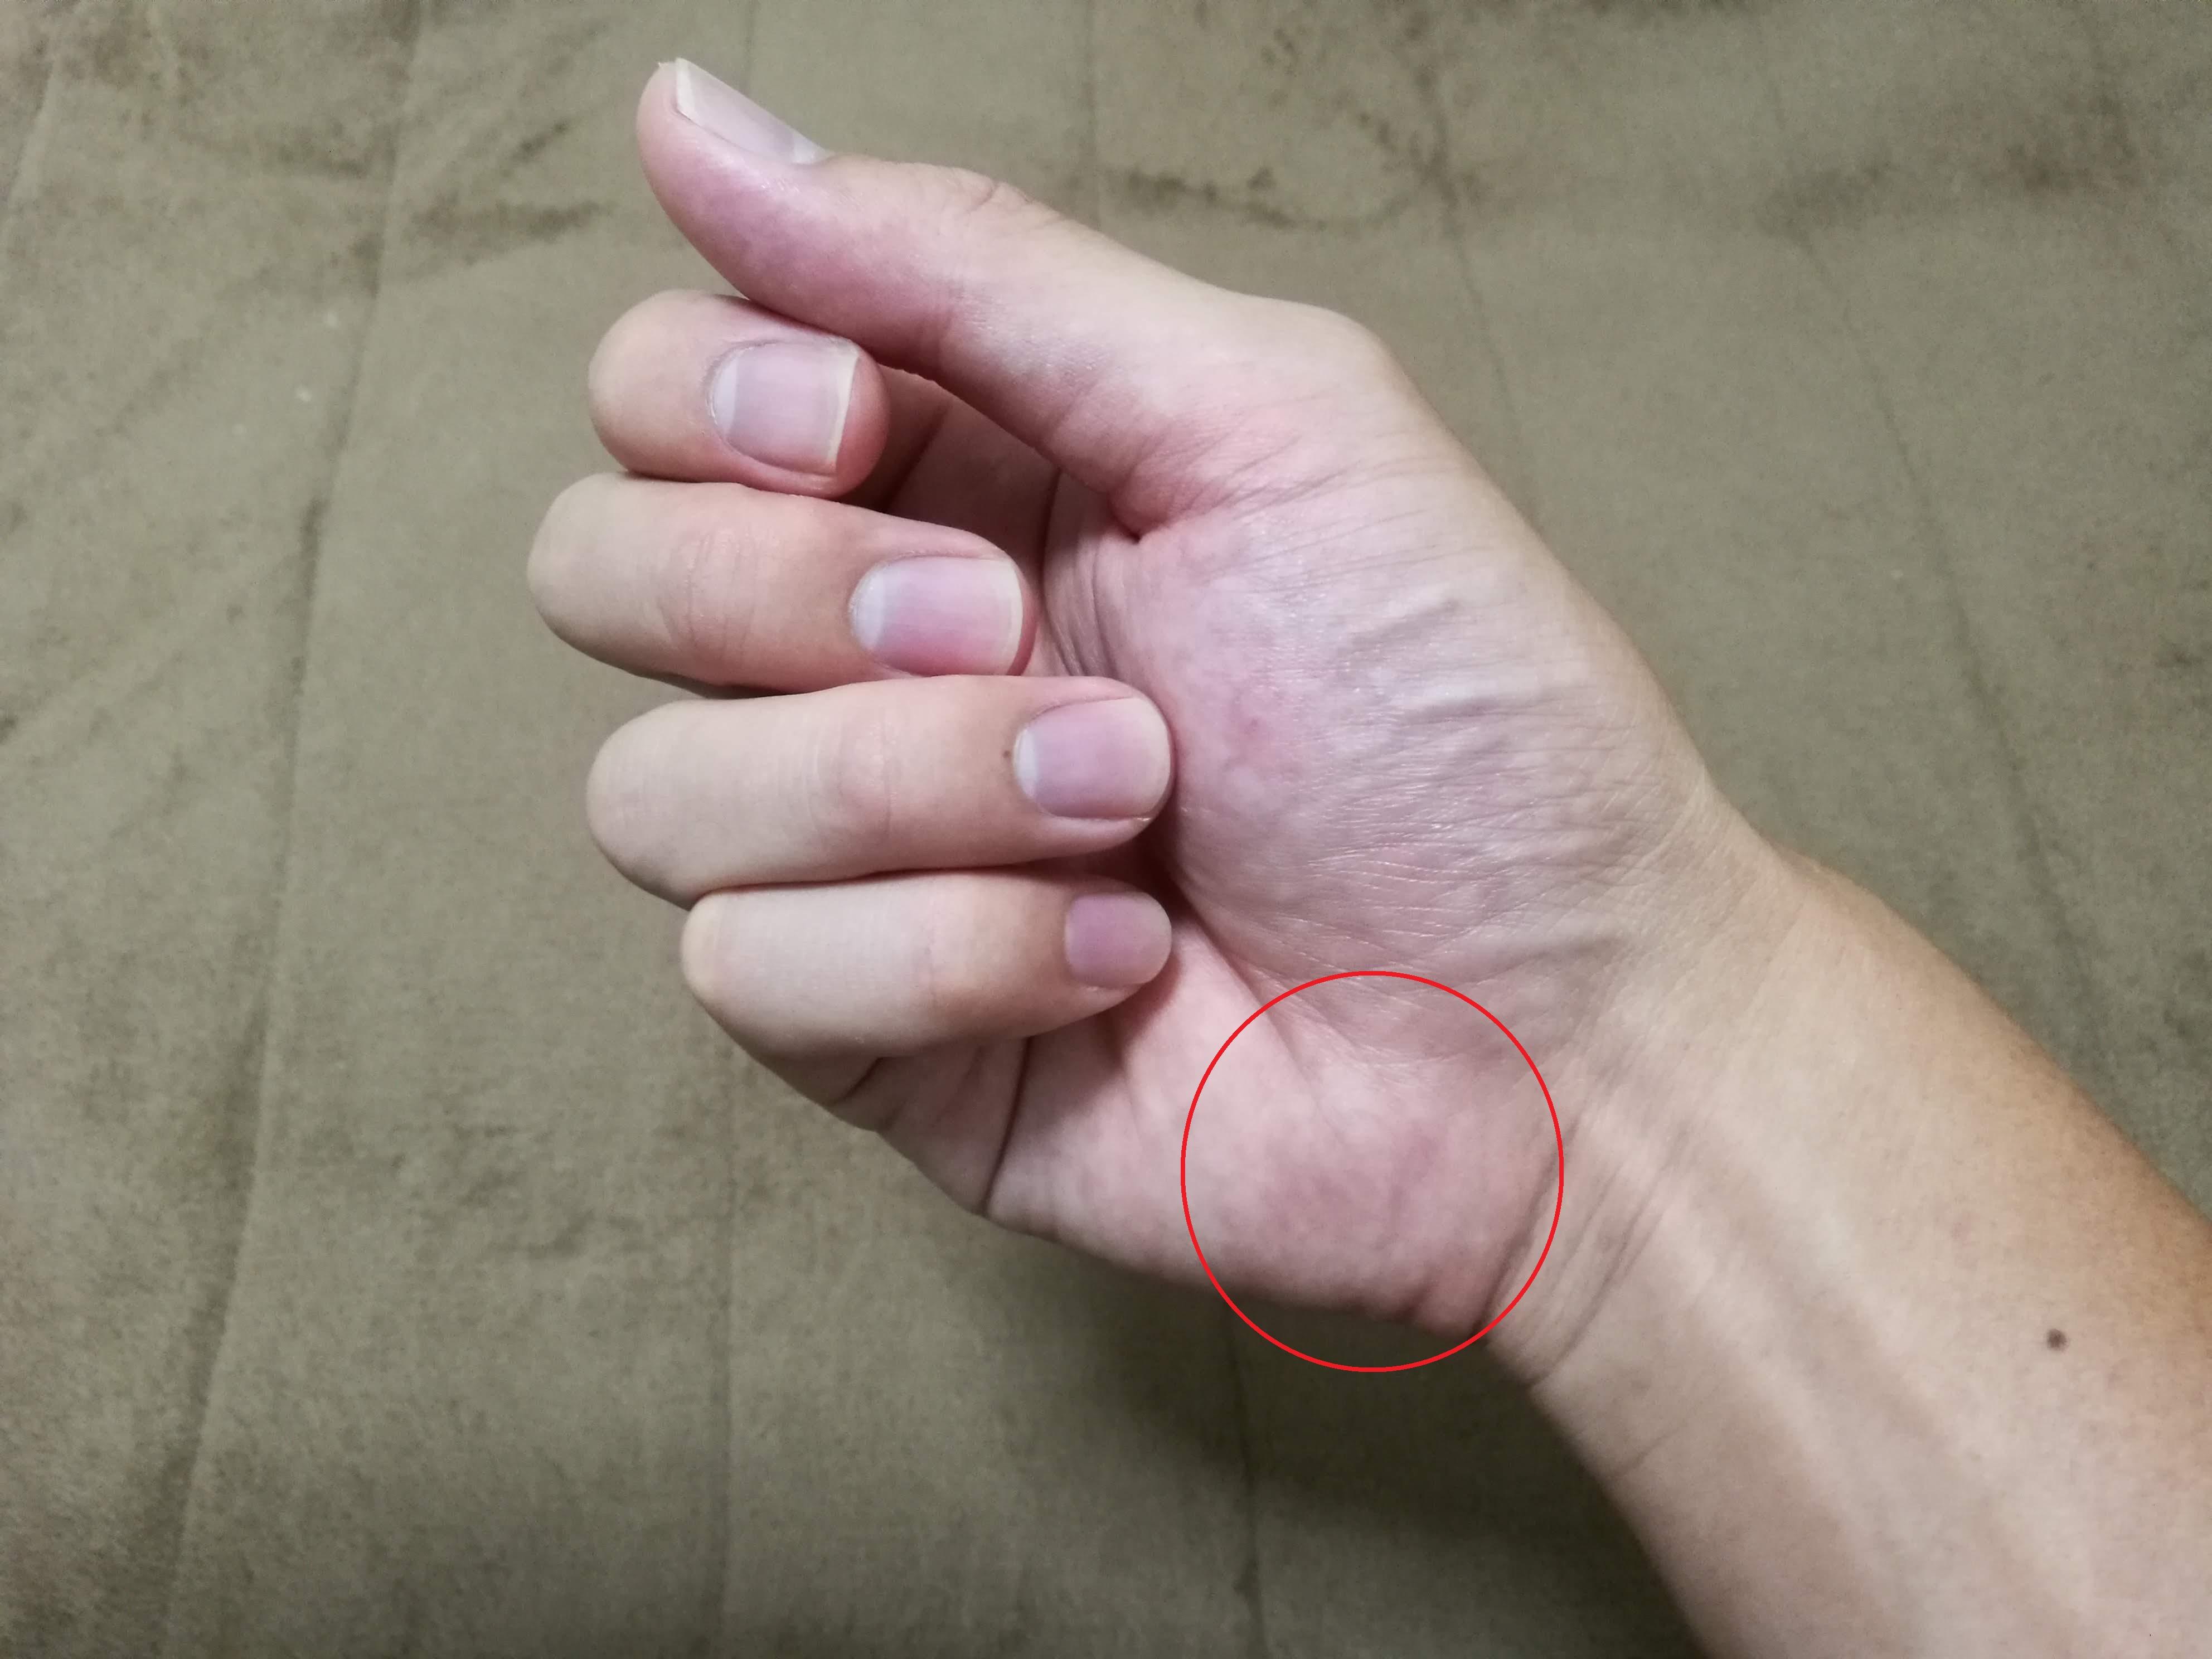 アタックを打つ時、手のどこを意識してますか?